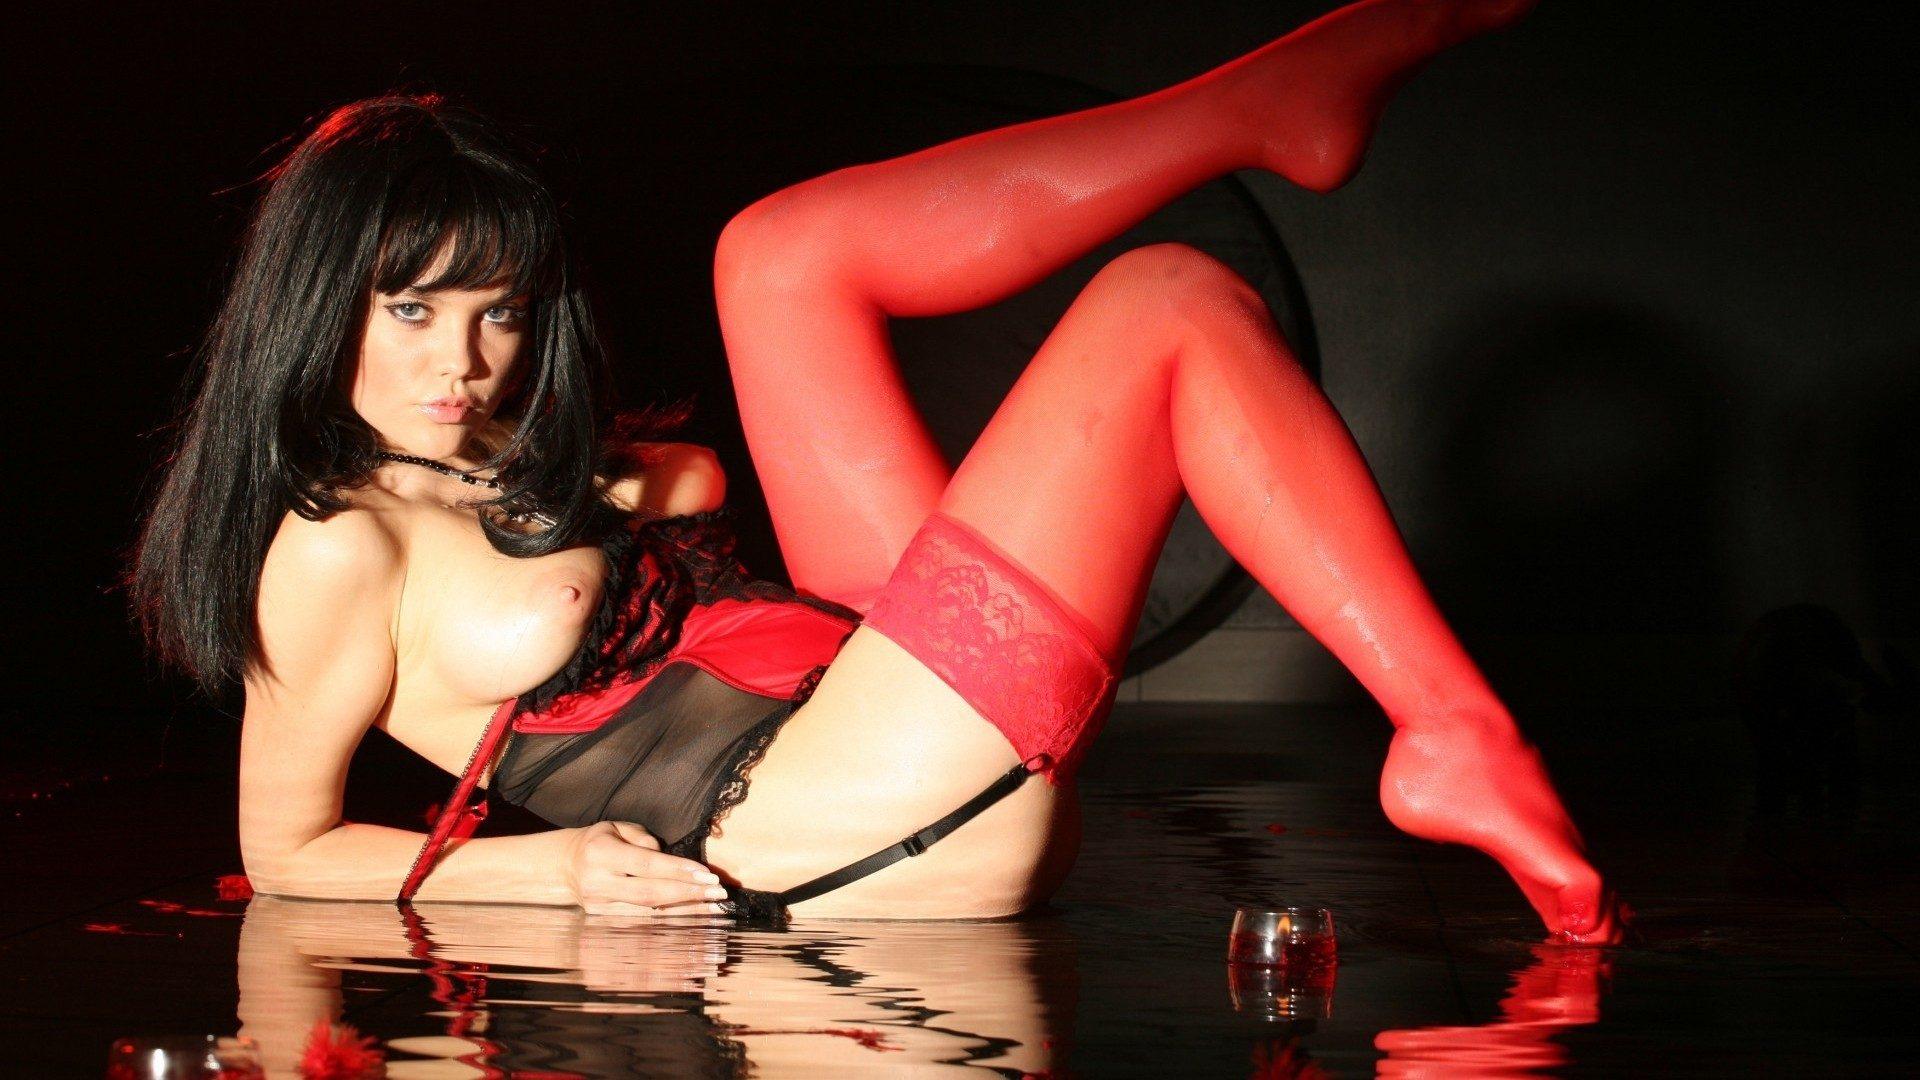 Порно фото в красном фоне реальное фото — pic 11